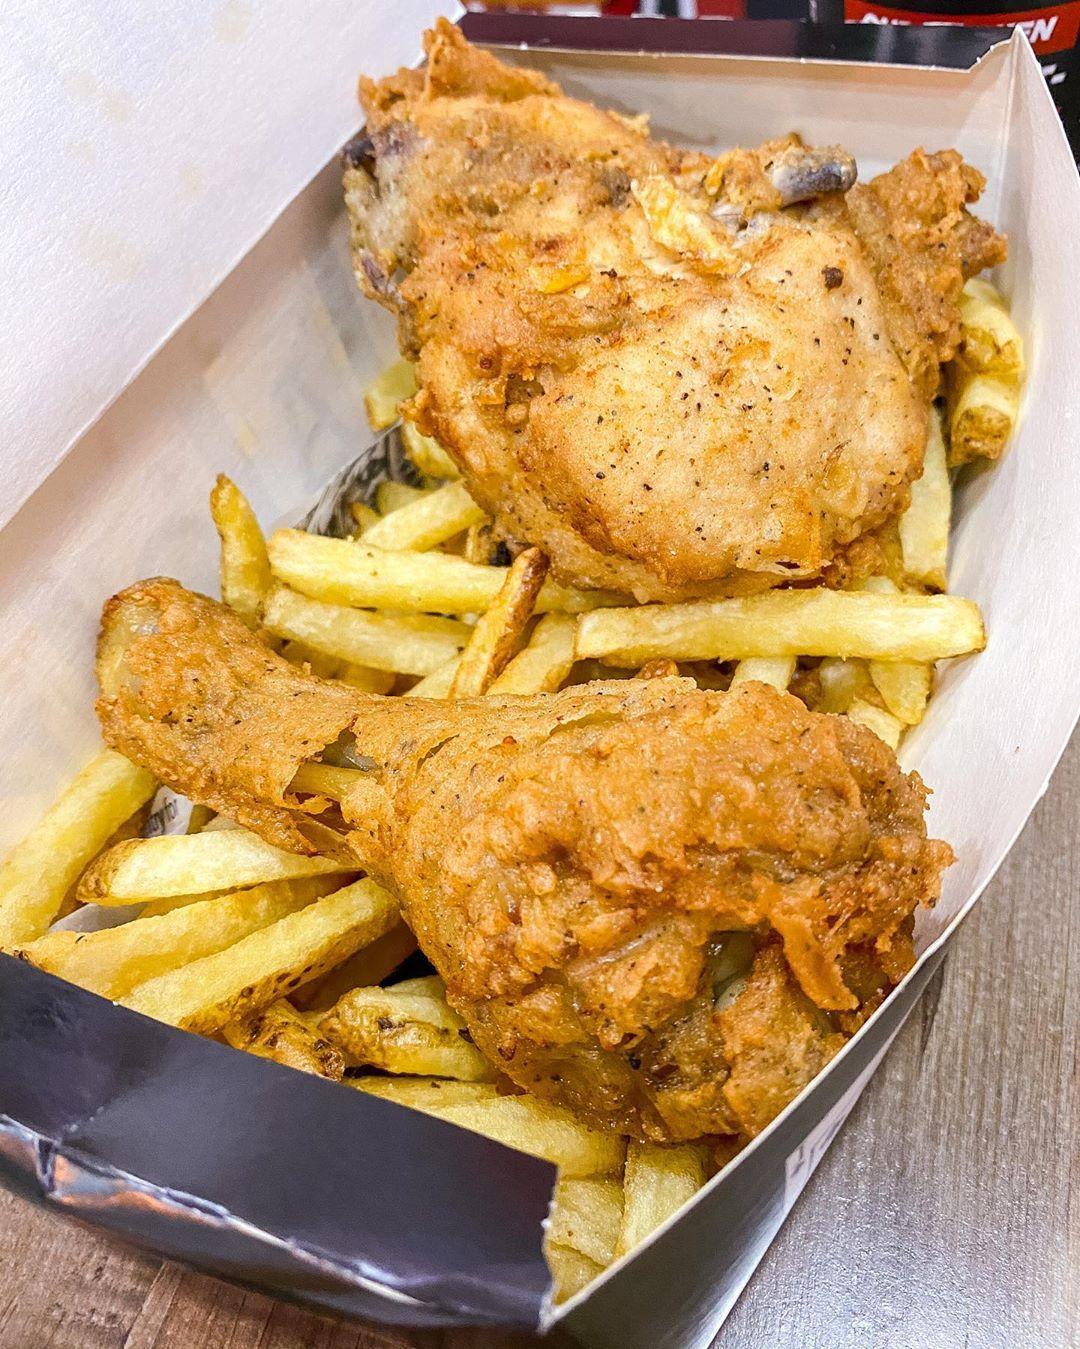 Jaqks Chicken Chips Halal 2 Piece Chicken And Chips Original Jaqkschickenandchips Birmingham Bham Jaqks In 2020 Chicken And Chips Halal Recipes Foodie